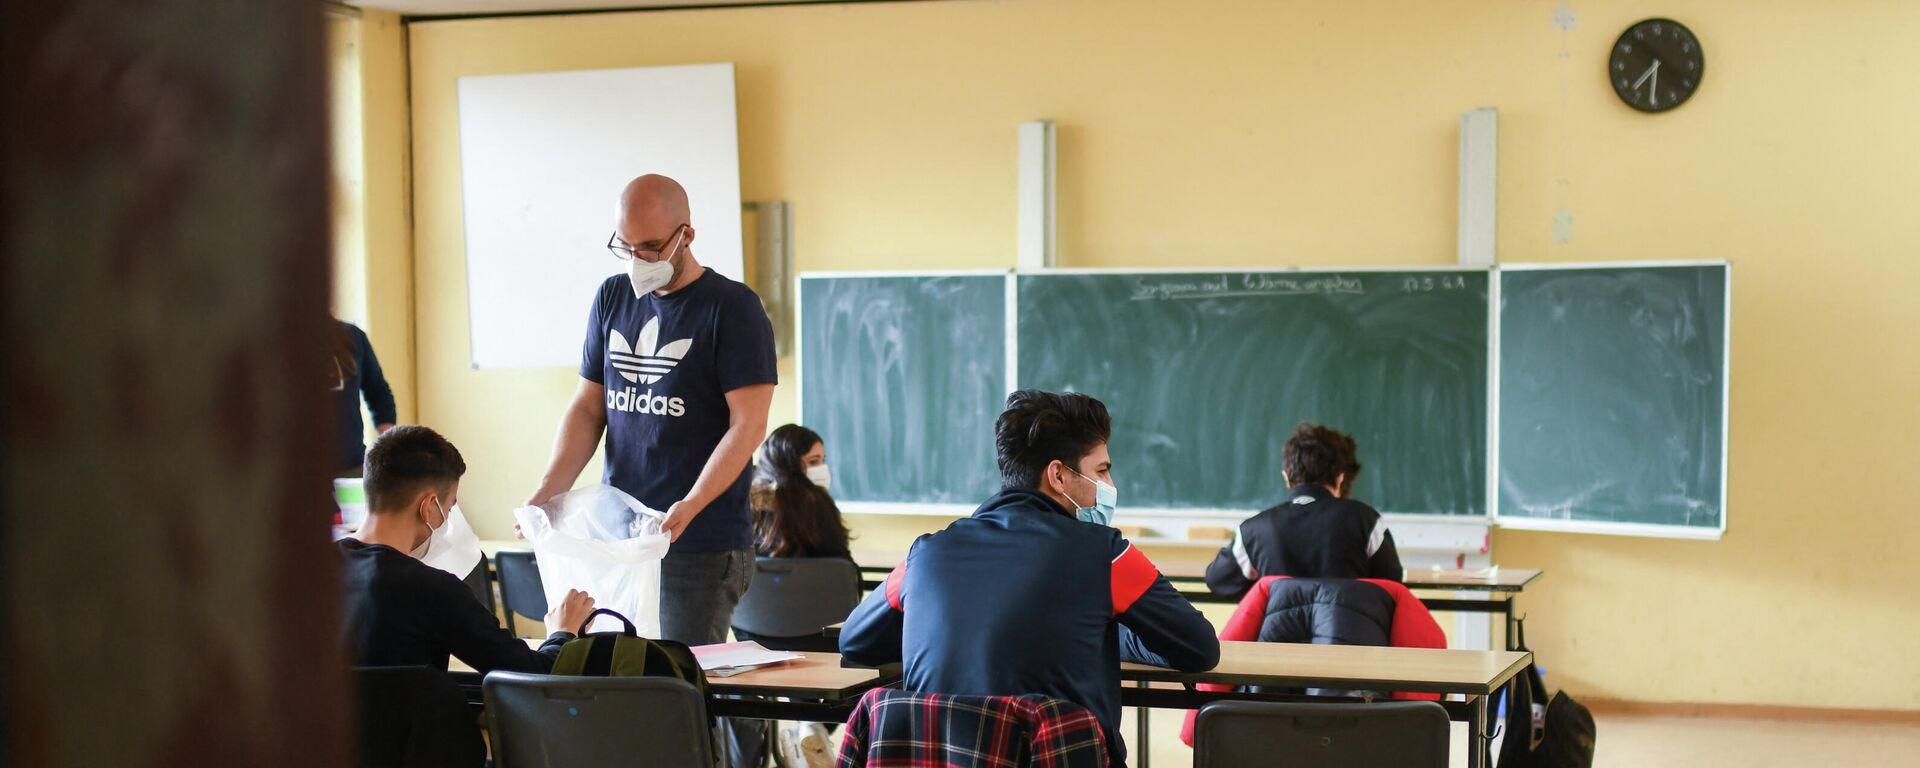 Schule in Bonn  - SNA, 1920, 26.05.2021